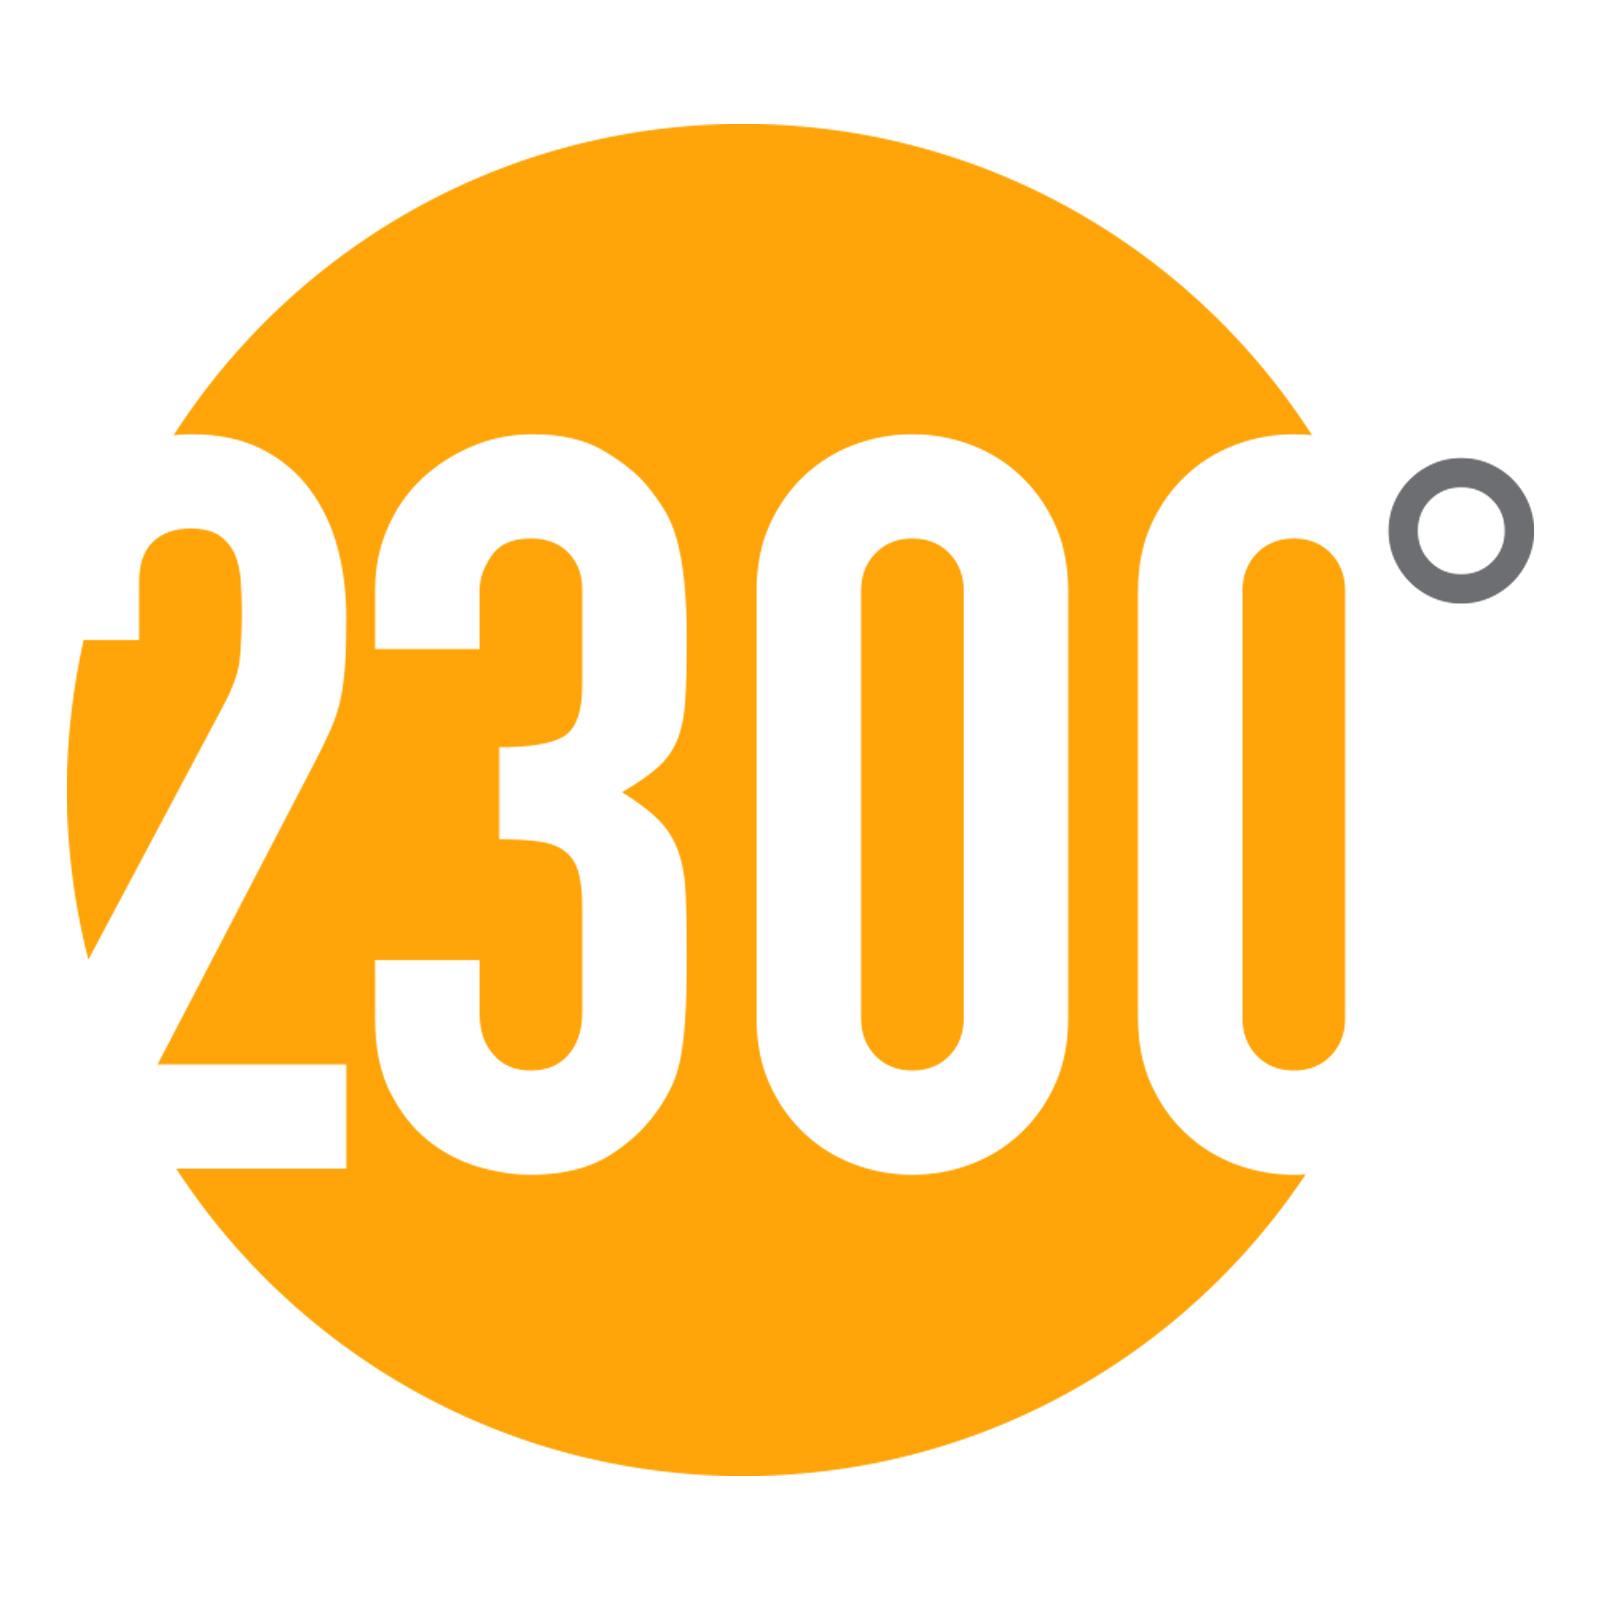 2300°: November